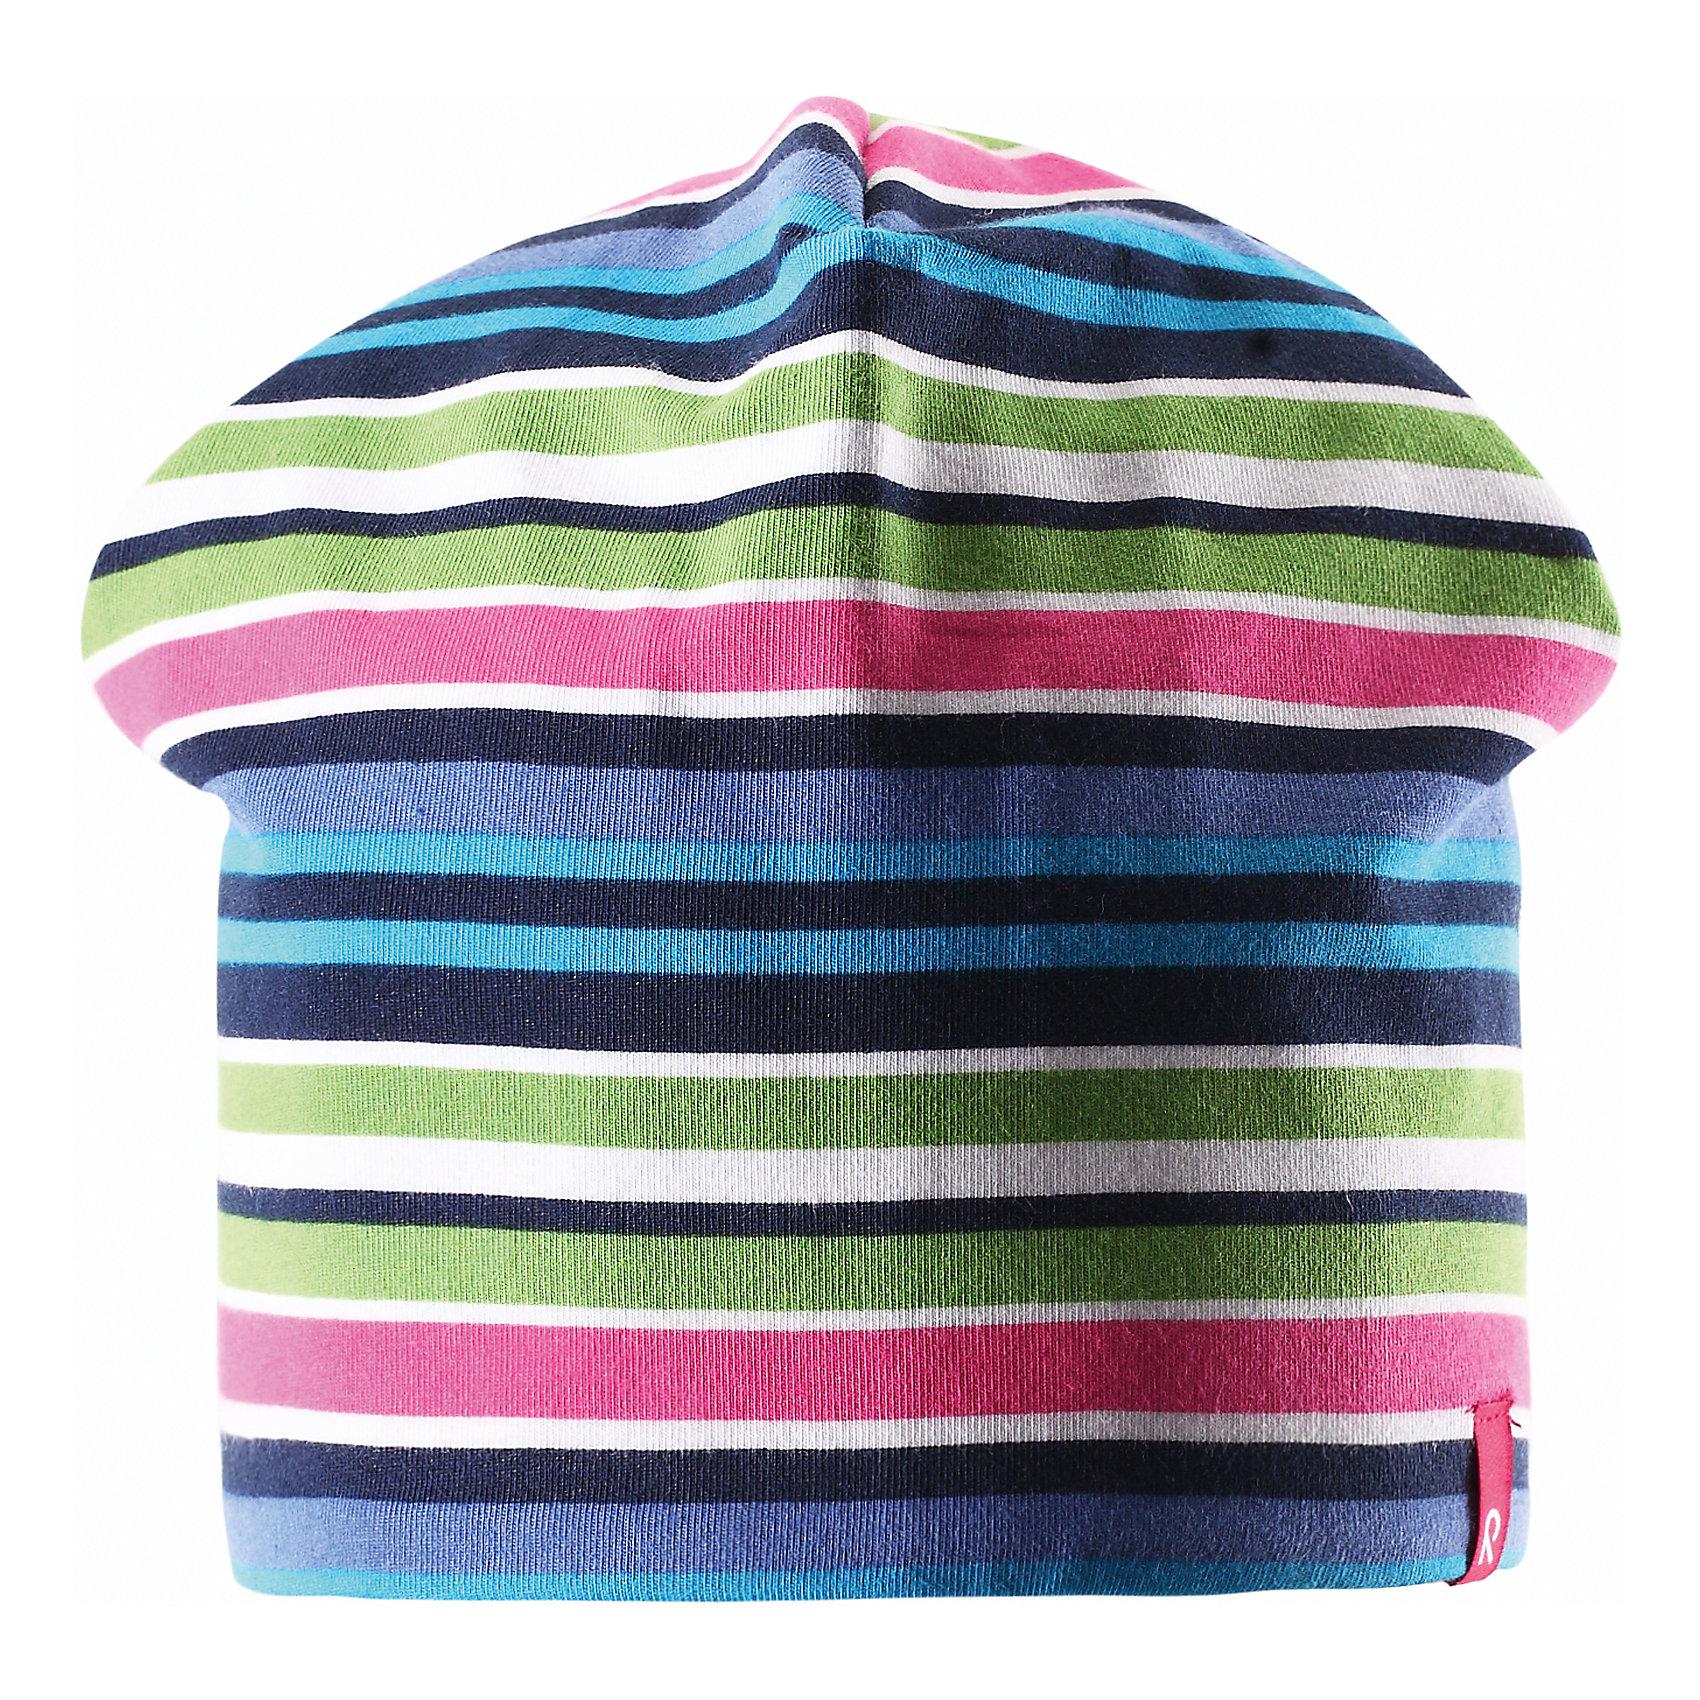 Шапка для девочки ReimaЭта яркая шапочка свежей расцветки для малышей и детей постарше идеально подойдет для веселых весенних приключений! Она изготовлена из простого в уходе и быстросохнущего материла Play Jersey®, эффективно выводящего влагу с кожи во время подвижных игр на свежем воздухе. Обратите внимание, что она имеет УФ-защиту 40+. Стиля много не бывает! Озорная двухсторонняя шапочка в одно мгновение превращается из полосатой в однотонную! <br><br>Дополнительная информация:<br><br>Двухсторонняя шапка «Бини» для детей и малышей<br>Быстросохнущий материал Play Jersey, приятный на ощупь<br>Фактор защиты от ультрафиолета 40+<br>Двухсторонняя модель<br>Сплошная подкладка: отводящий влагу материал Play Jersey<br>Логотип Reima® спереди<br>Узор из цветных полос<br>Состав:<br>65% ХЛ 30% ПЭ 5% ЭЛ<br>Уход:<br>Стирать с бельем одинакового цвета, вывернув наизнанку. Полоскать без специального средства. Придать первоначальную форму вo влажном виде.<br><br>Ширина мм: 89<br>Глубина мм: 117<br>Высота мм: 44<br>Вес г: 155<br>Цвет: синий<br>Возраст от месяцев: 9<br>Возраст до месяцев: 12<br>Пол: Женский<br>Возраст: Детский<br>Размер: 46,50,48,52,54,56<br>SKU: 4498279